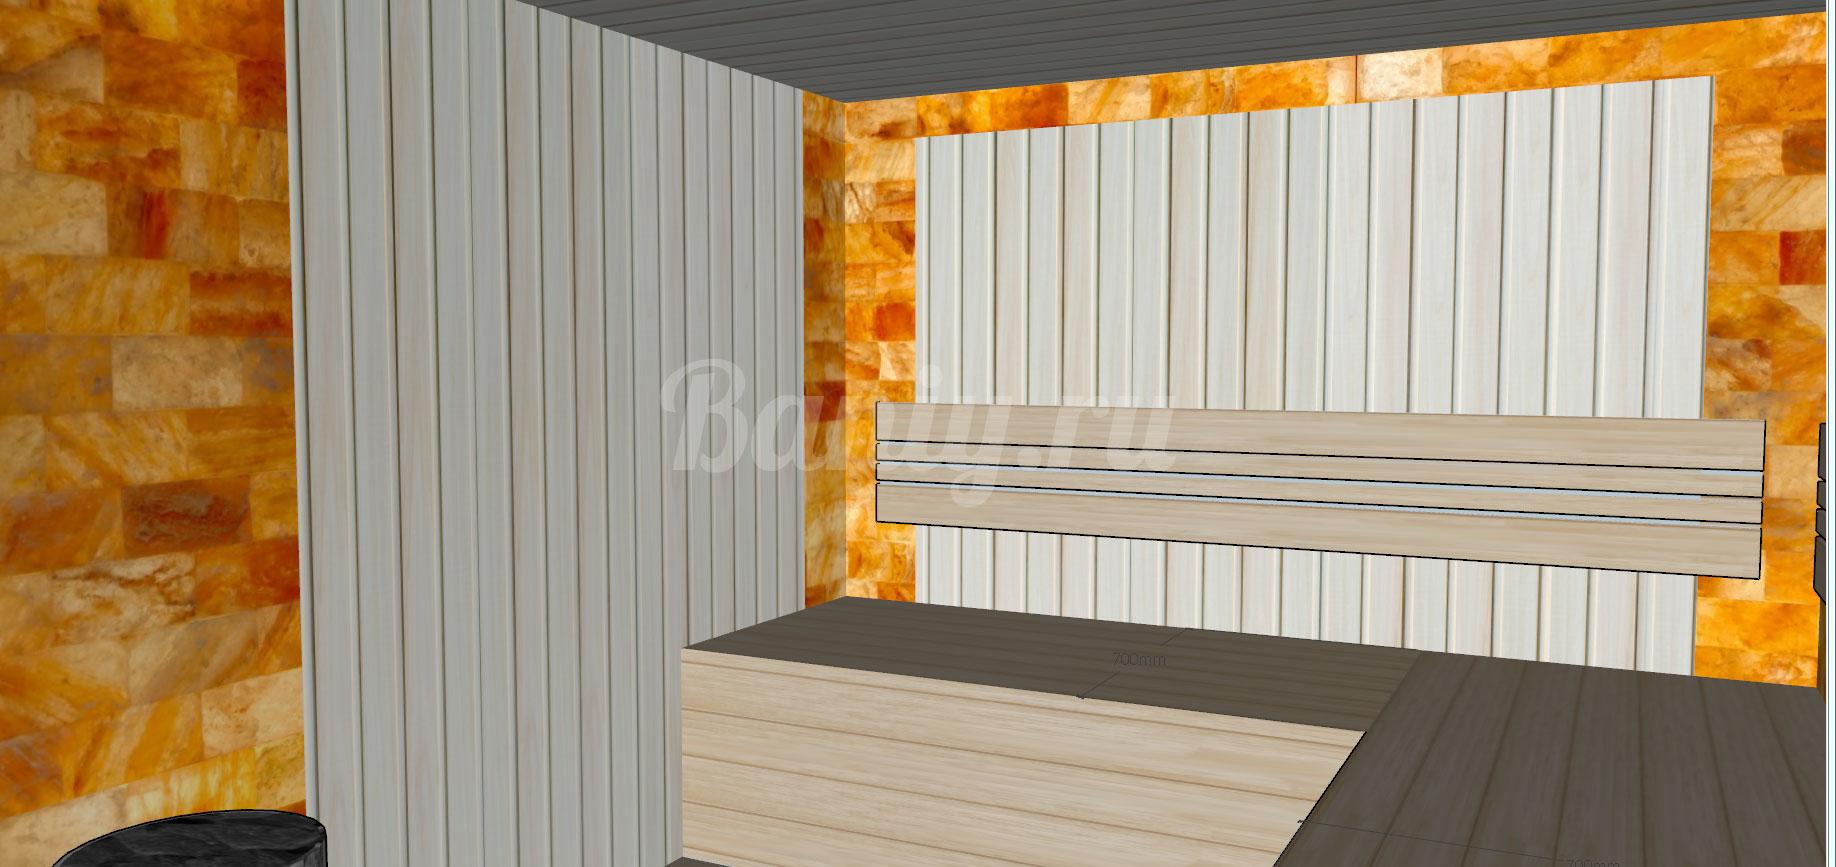 Проект сауны С-6 для частного дома или квартиры, фото 5